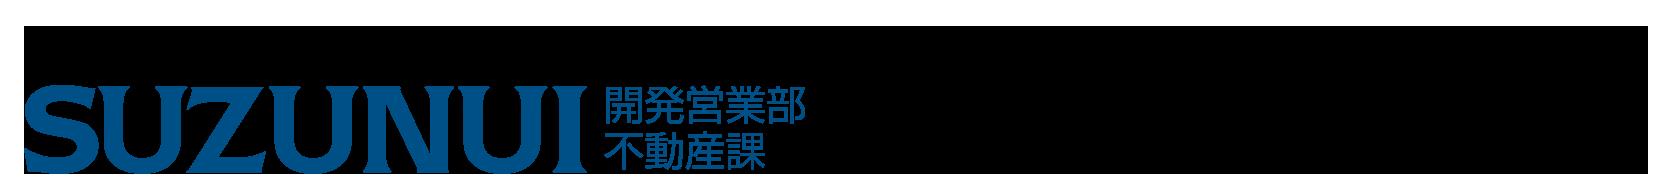 売主 SUZUNUI不動産部 建設業/国土交通大臣許可(特-23)第6号(特定建設業)宅地建物取引業者/国土交通大臣(6)第5074号